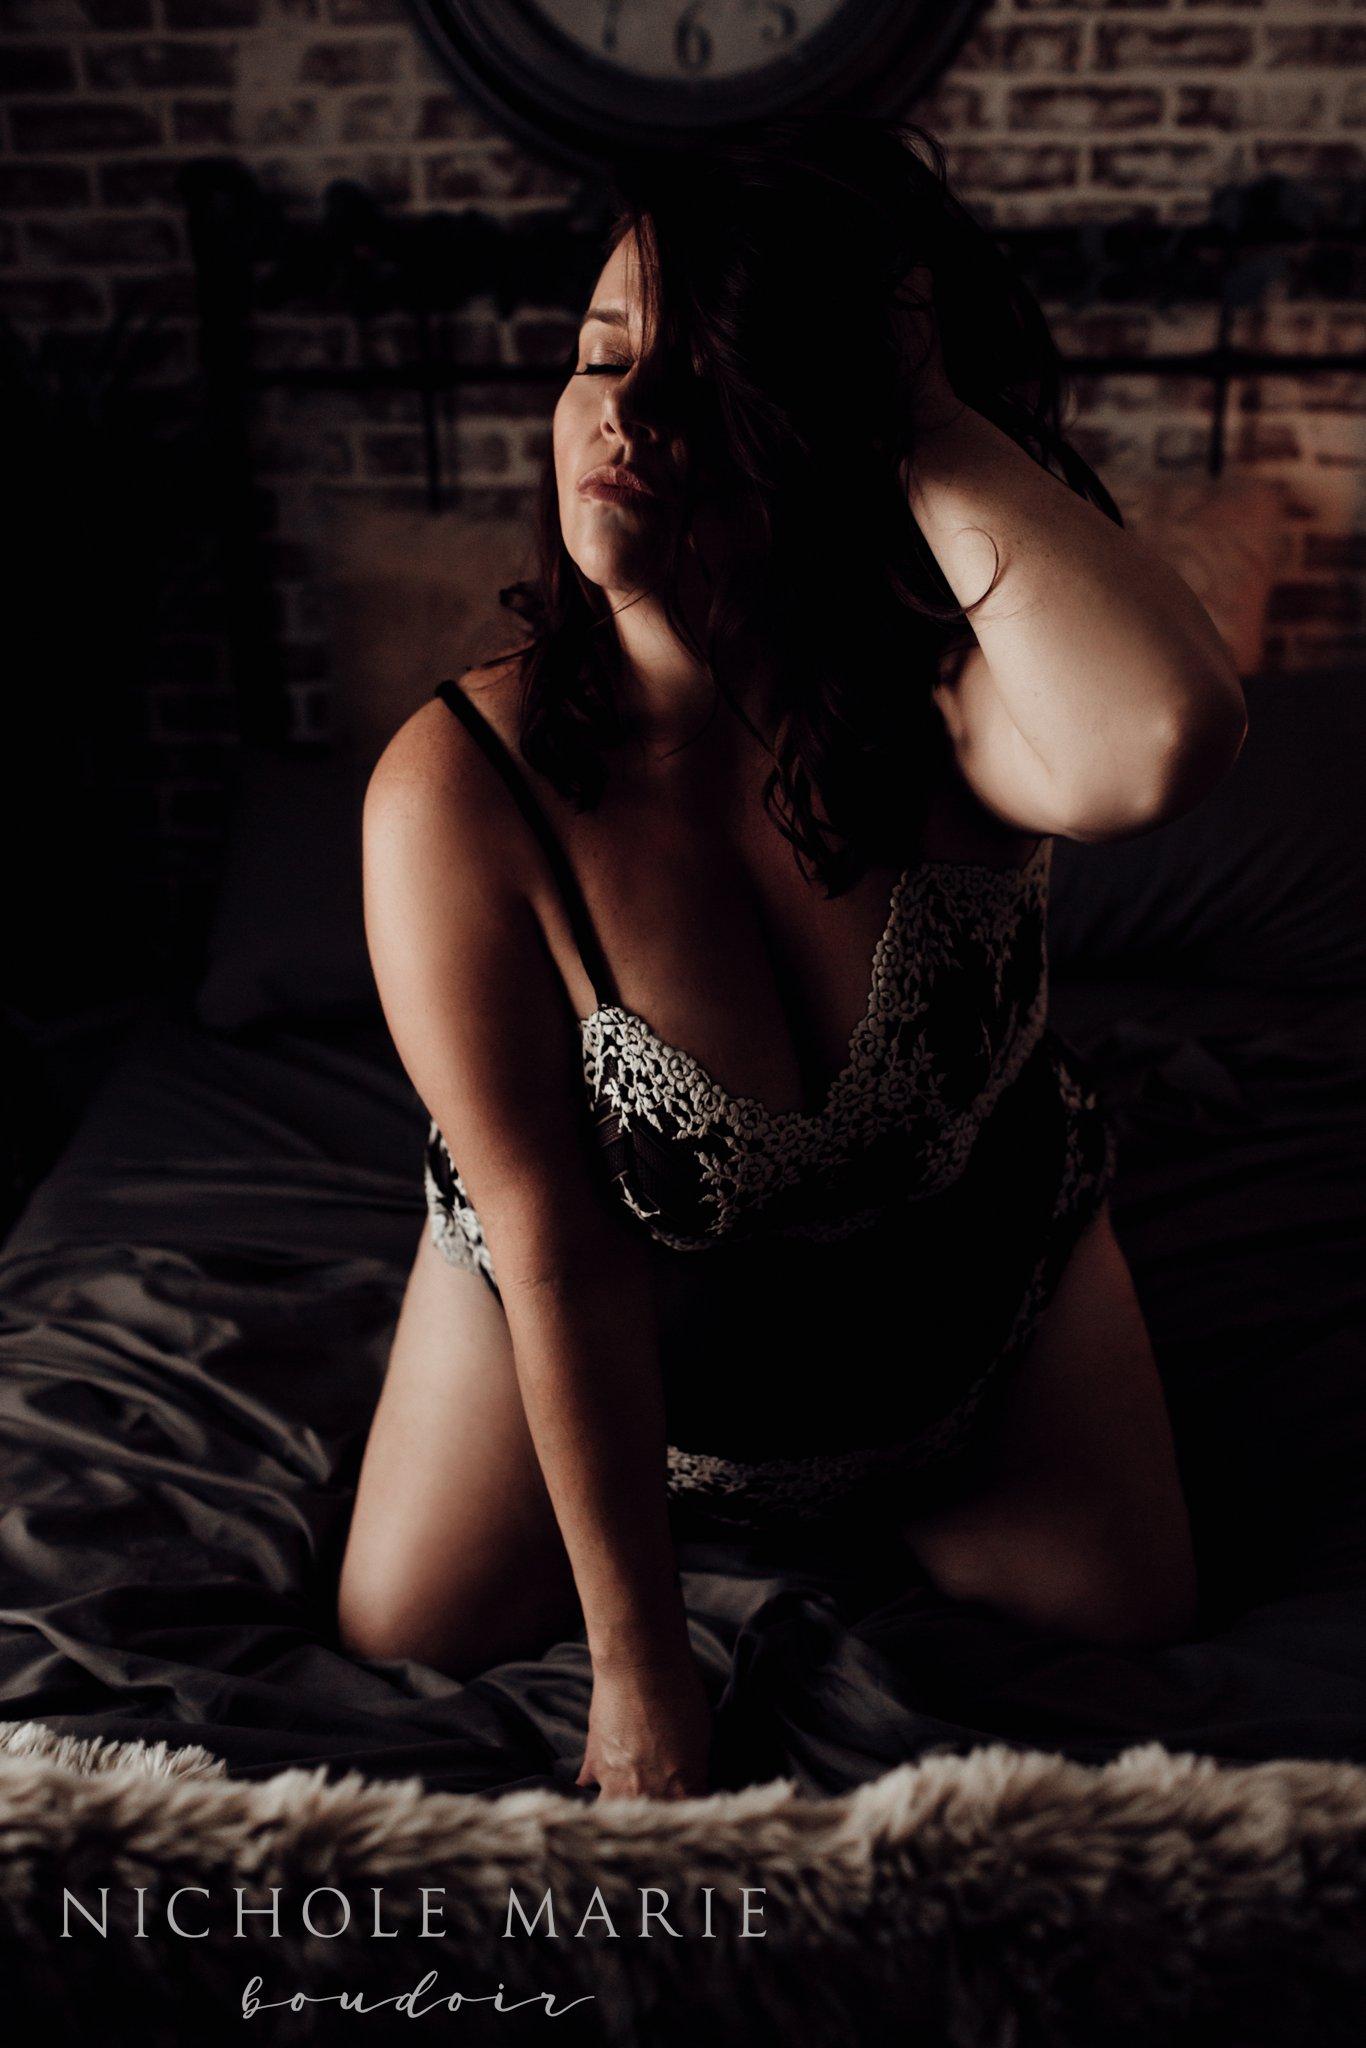 SEBASTIAN FLORIDA BOUDOIR PHOTOGRAPHER | NICHOLE MARIE BOUDOIR_0457.jpg